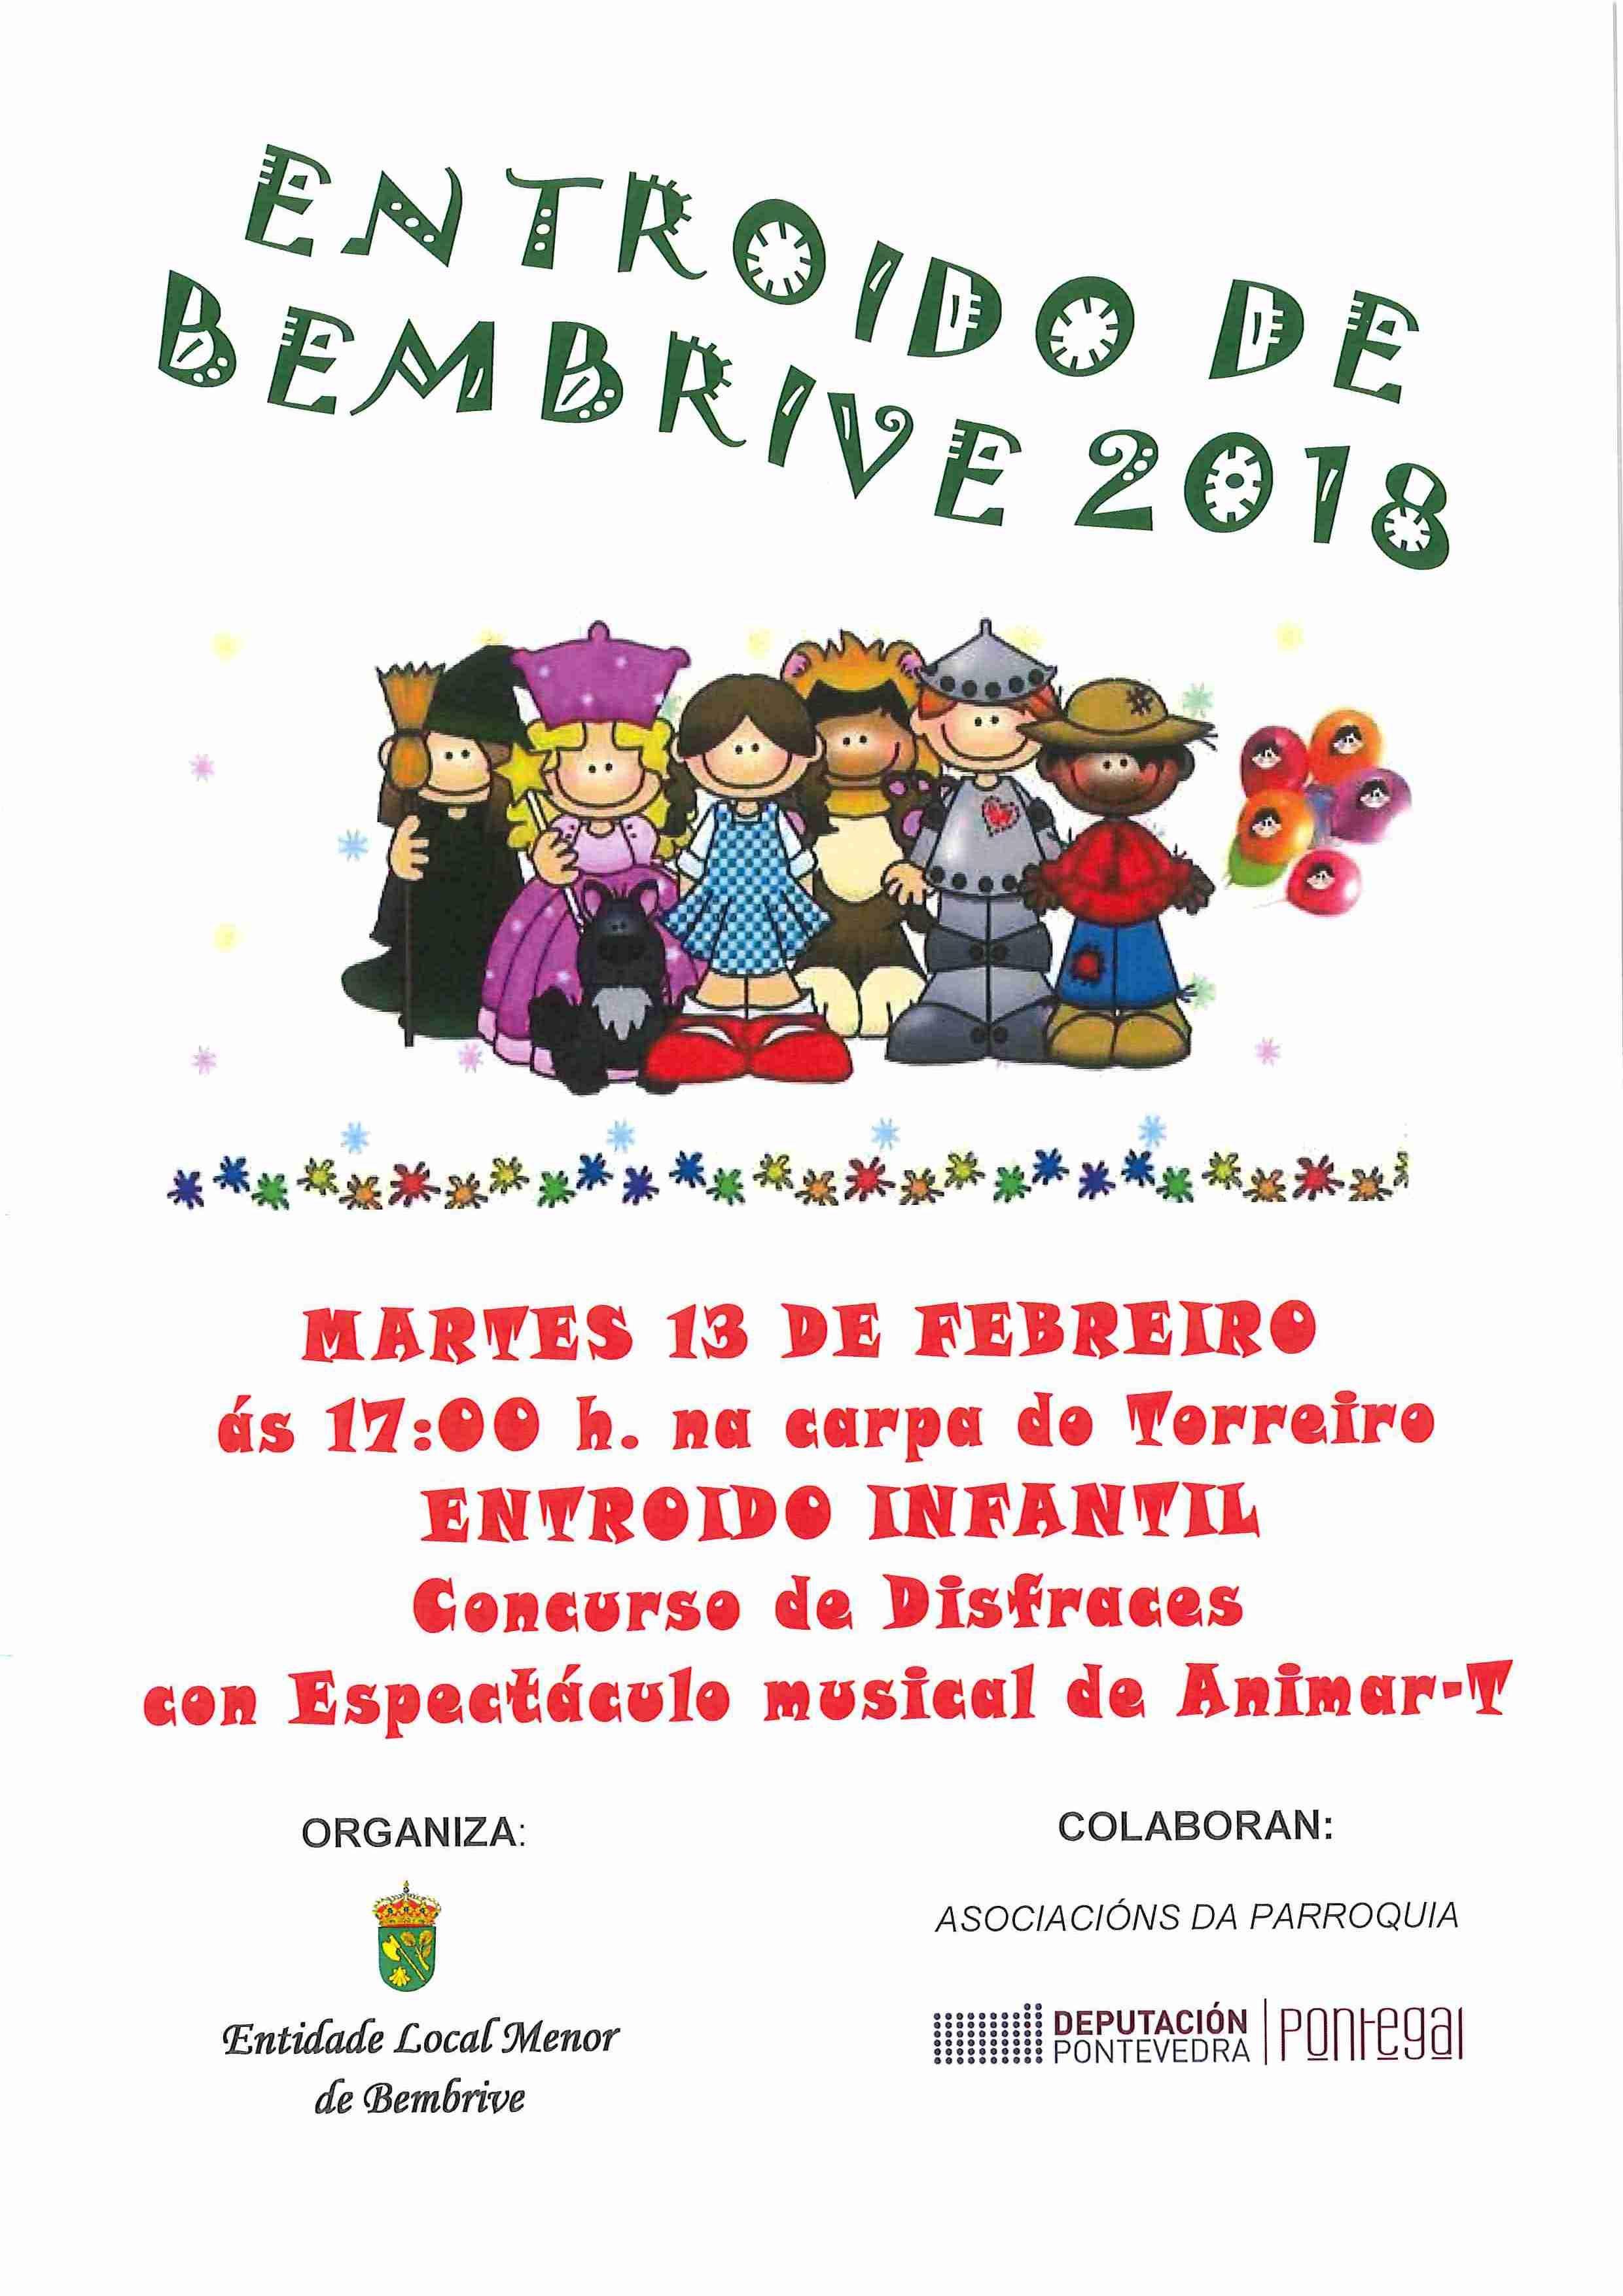 Carnaval Infantil 2018. Concurso De Disfraces Infantiles